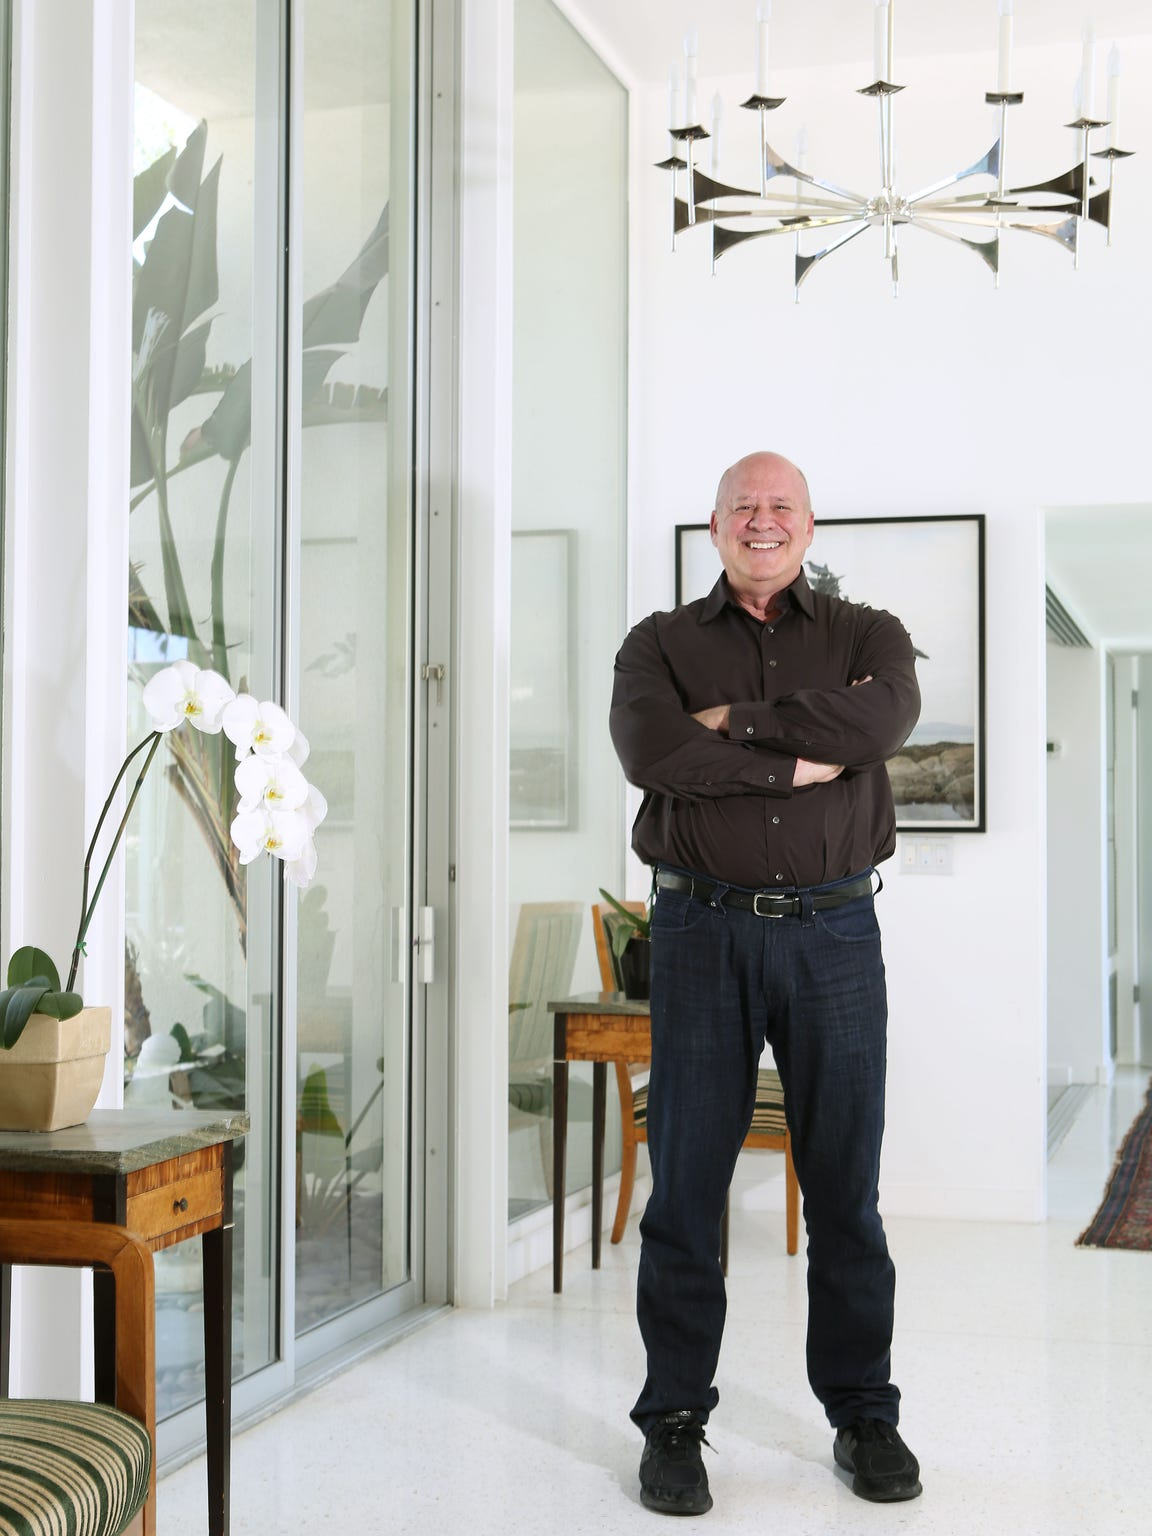 Digicom film festival founder and former Disney executive